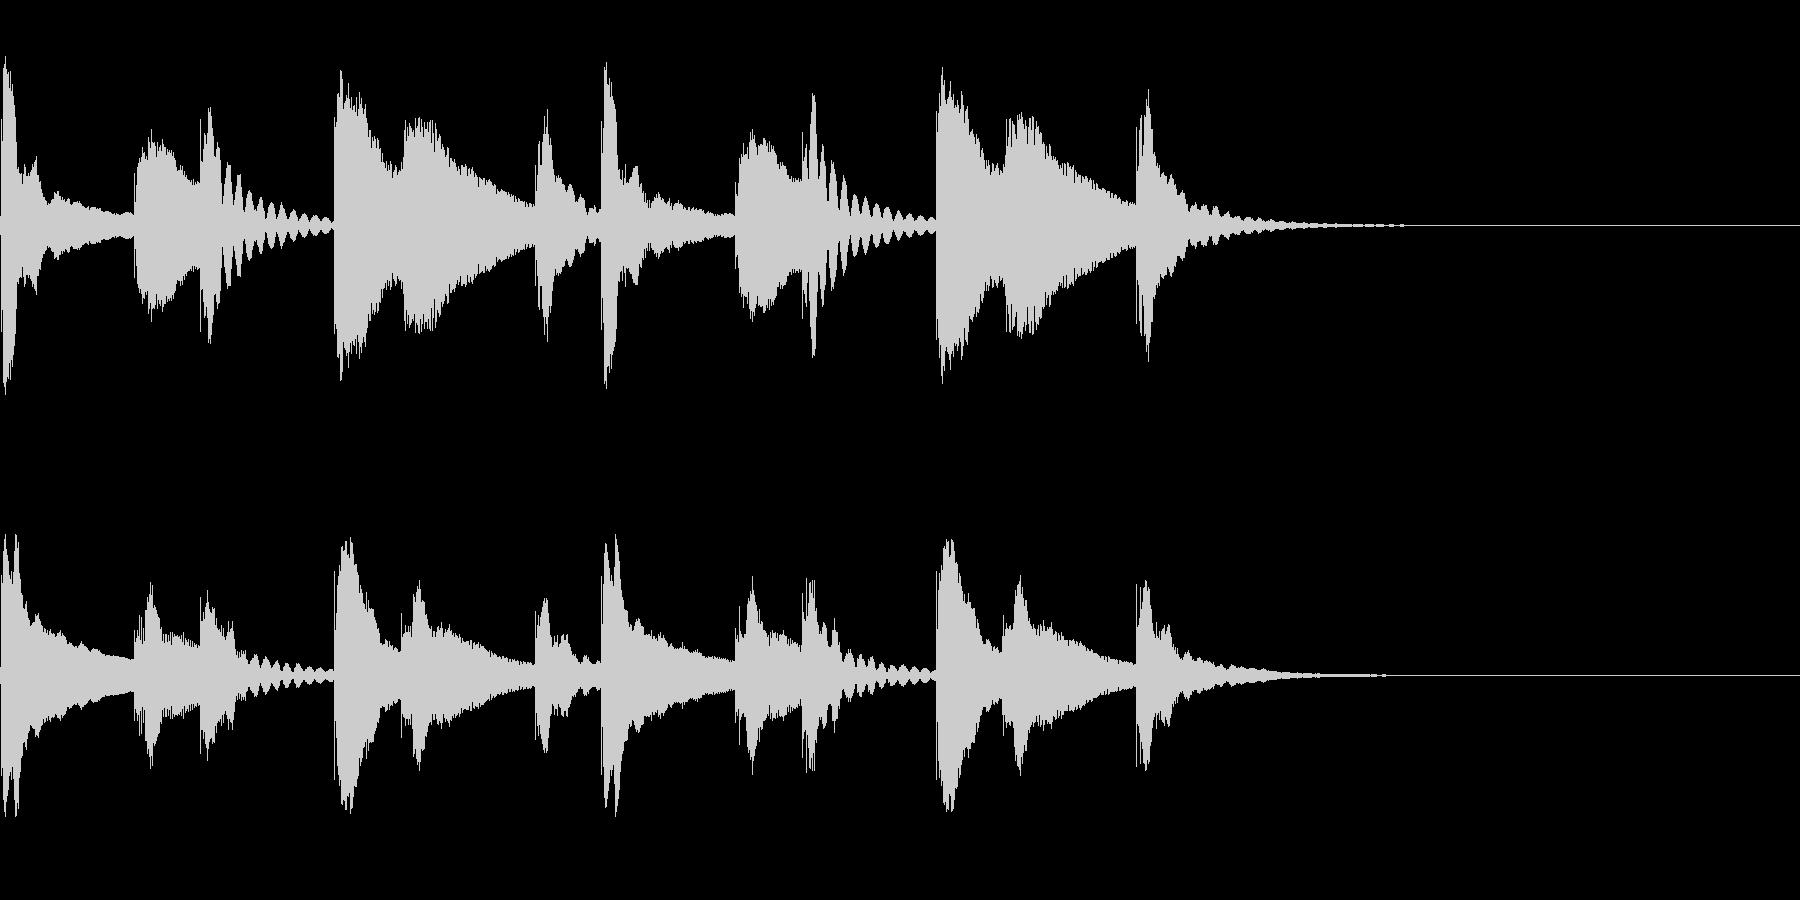 シロフォン(木琴)の迷うようなジングルの未再生の波形